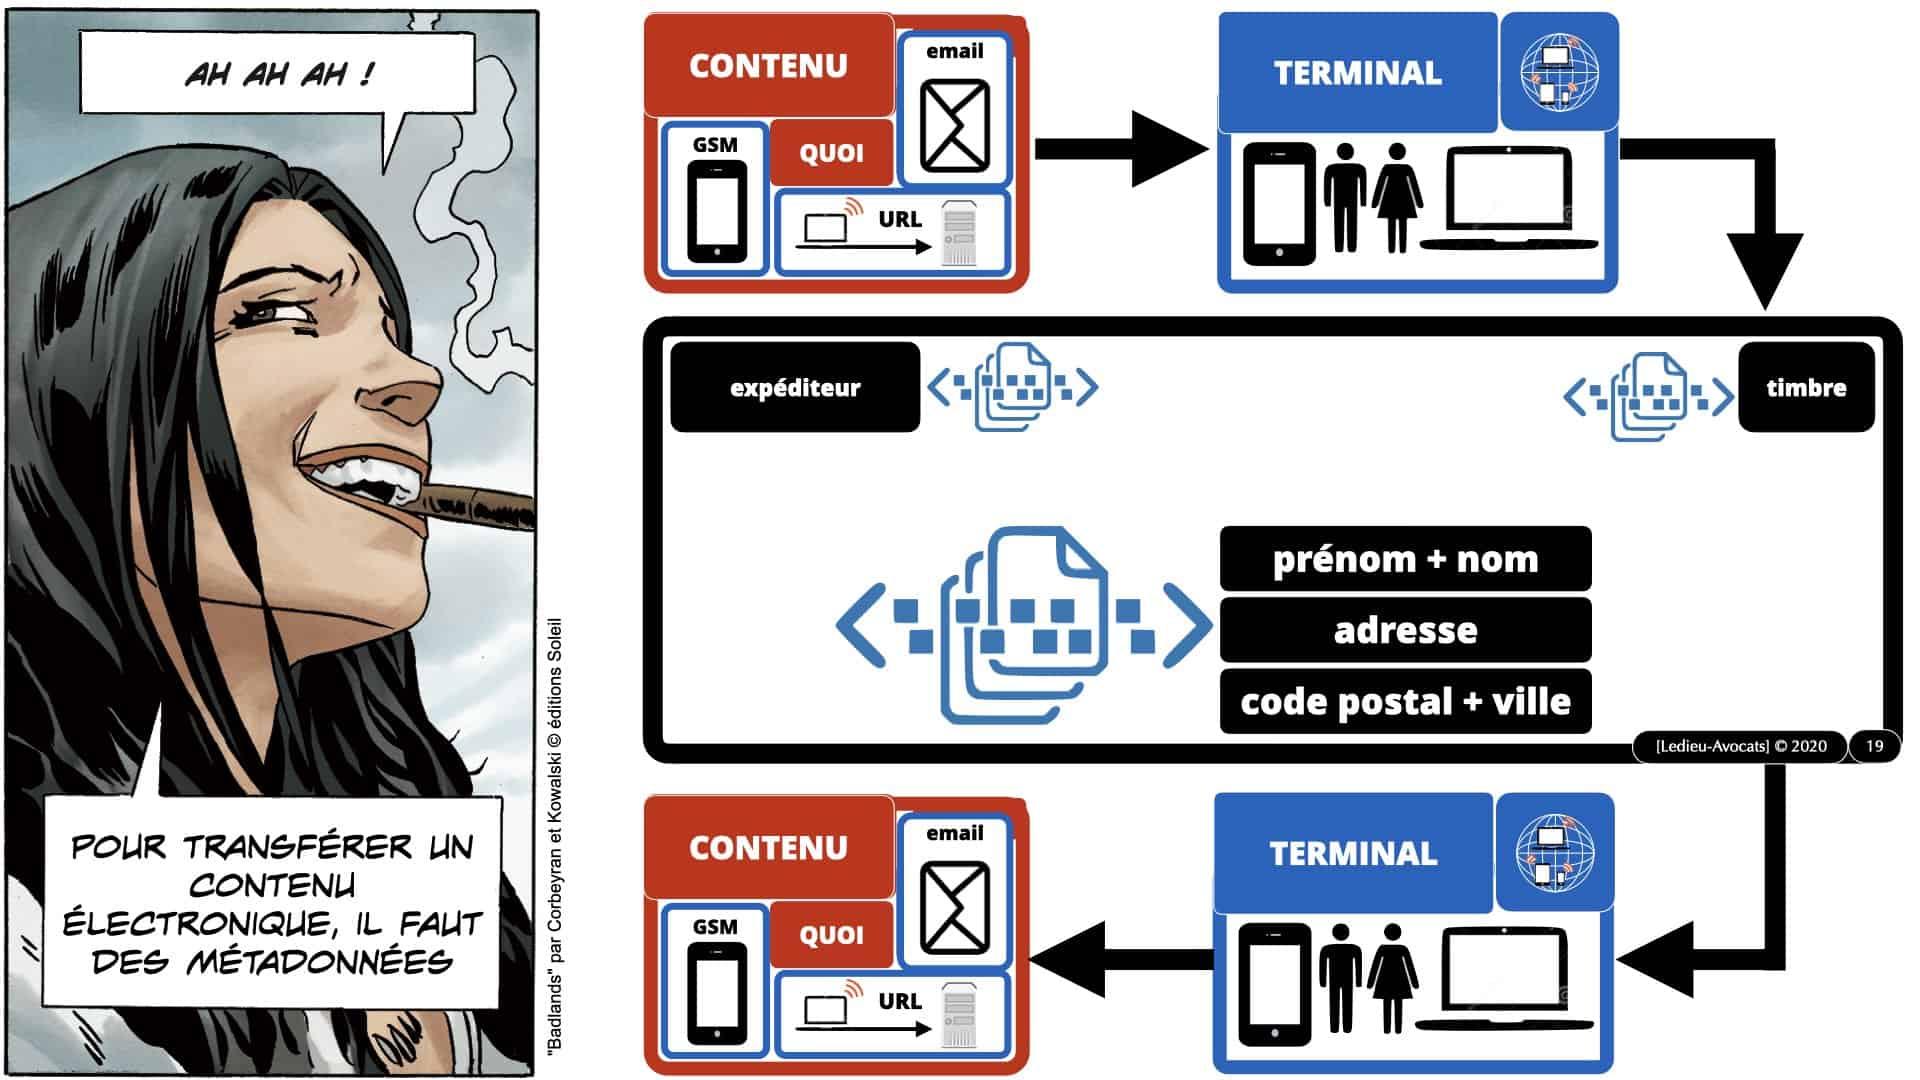 données de contenu métadonnées données personnelles : les métadonnées sont SUR l'enveloppe, pas dedans !